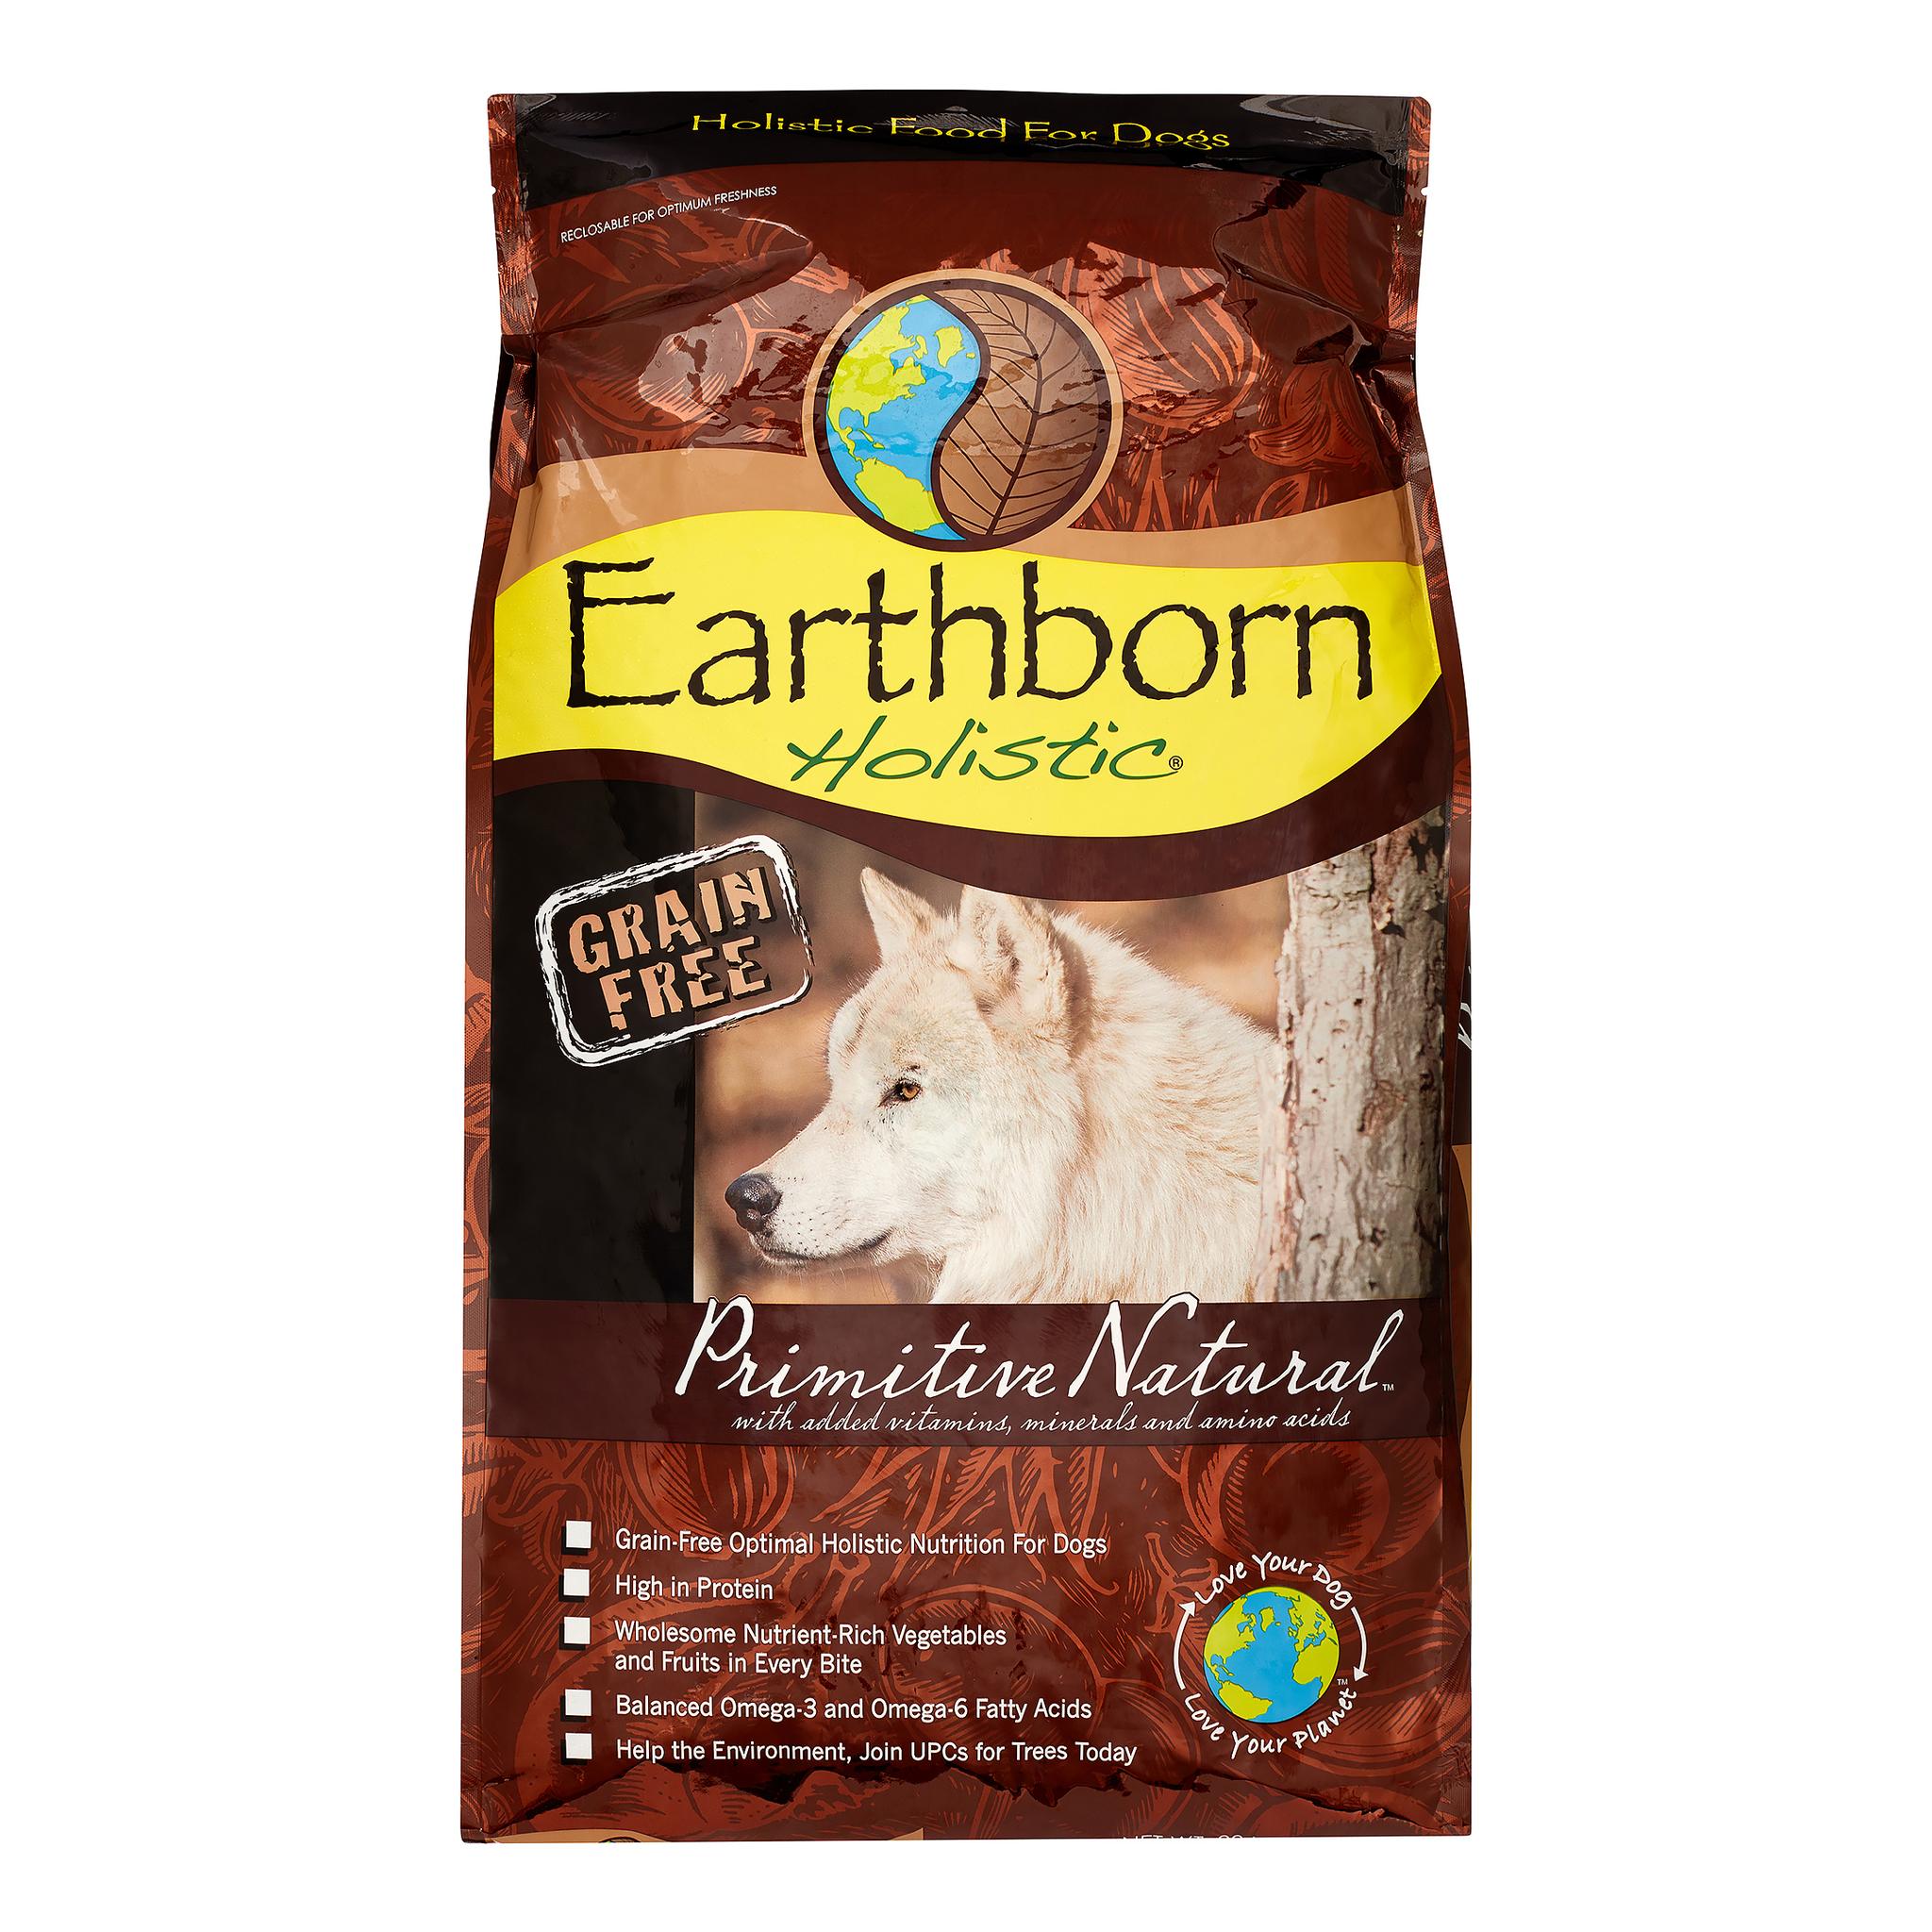 EARTHBORN Primitive Natural GF Dog Food